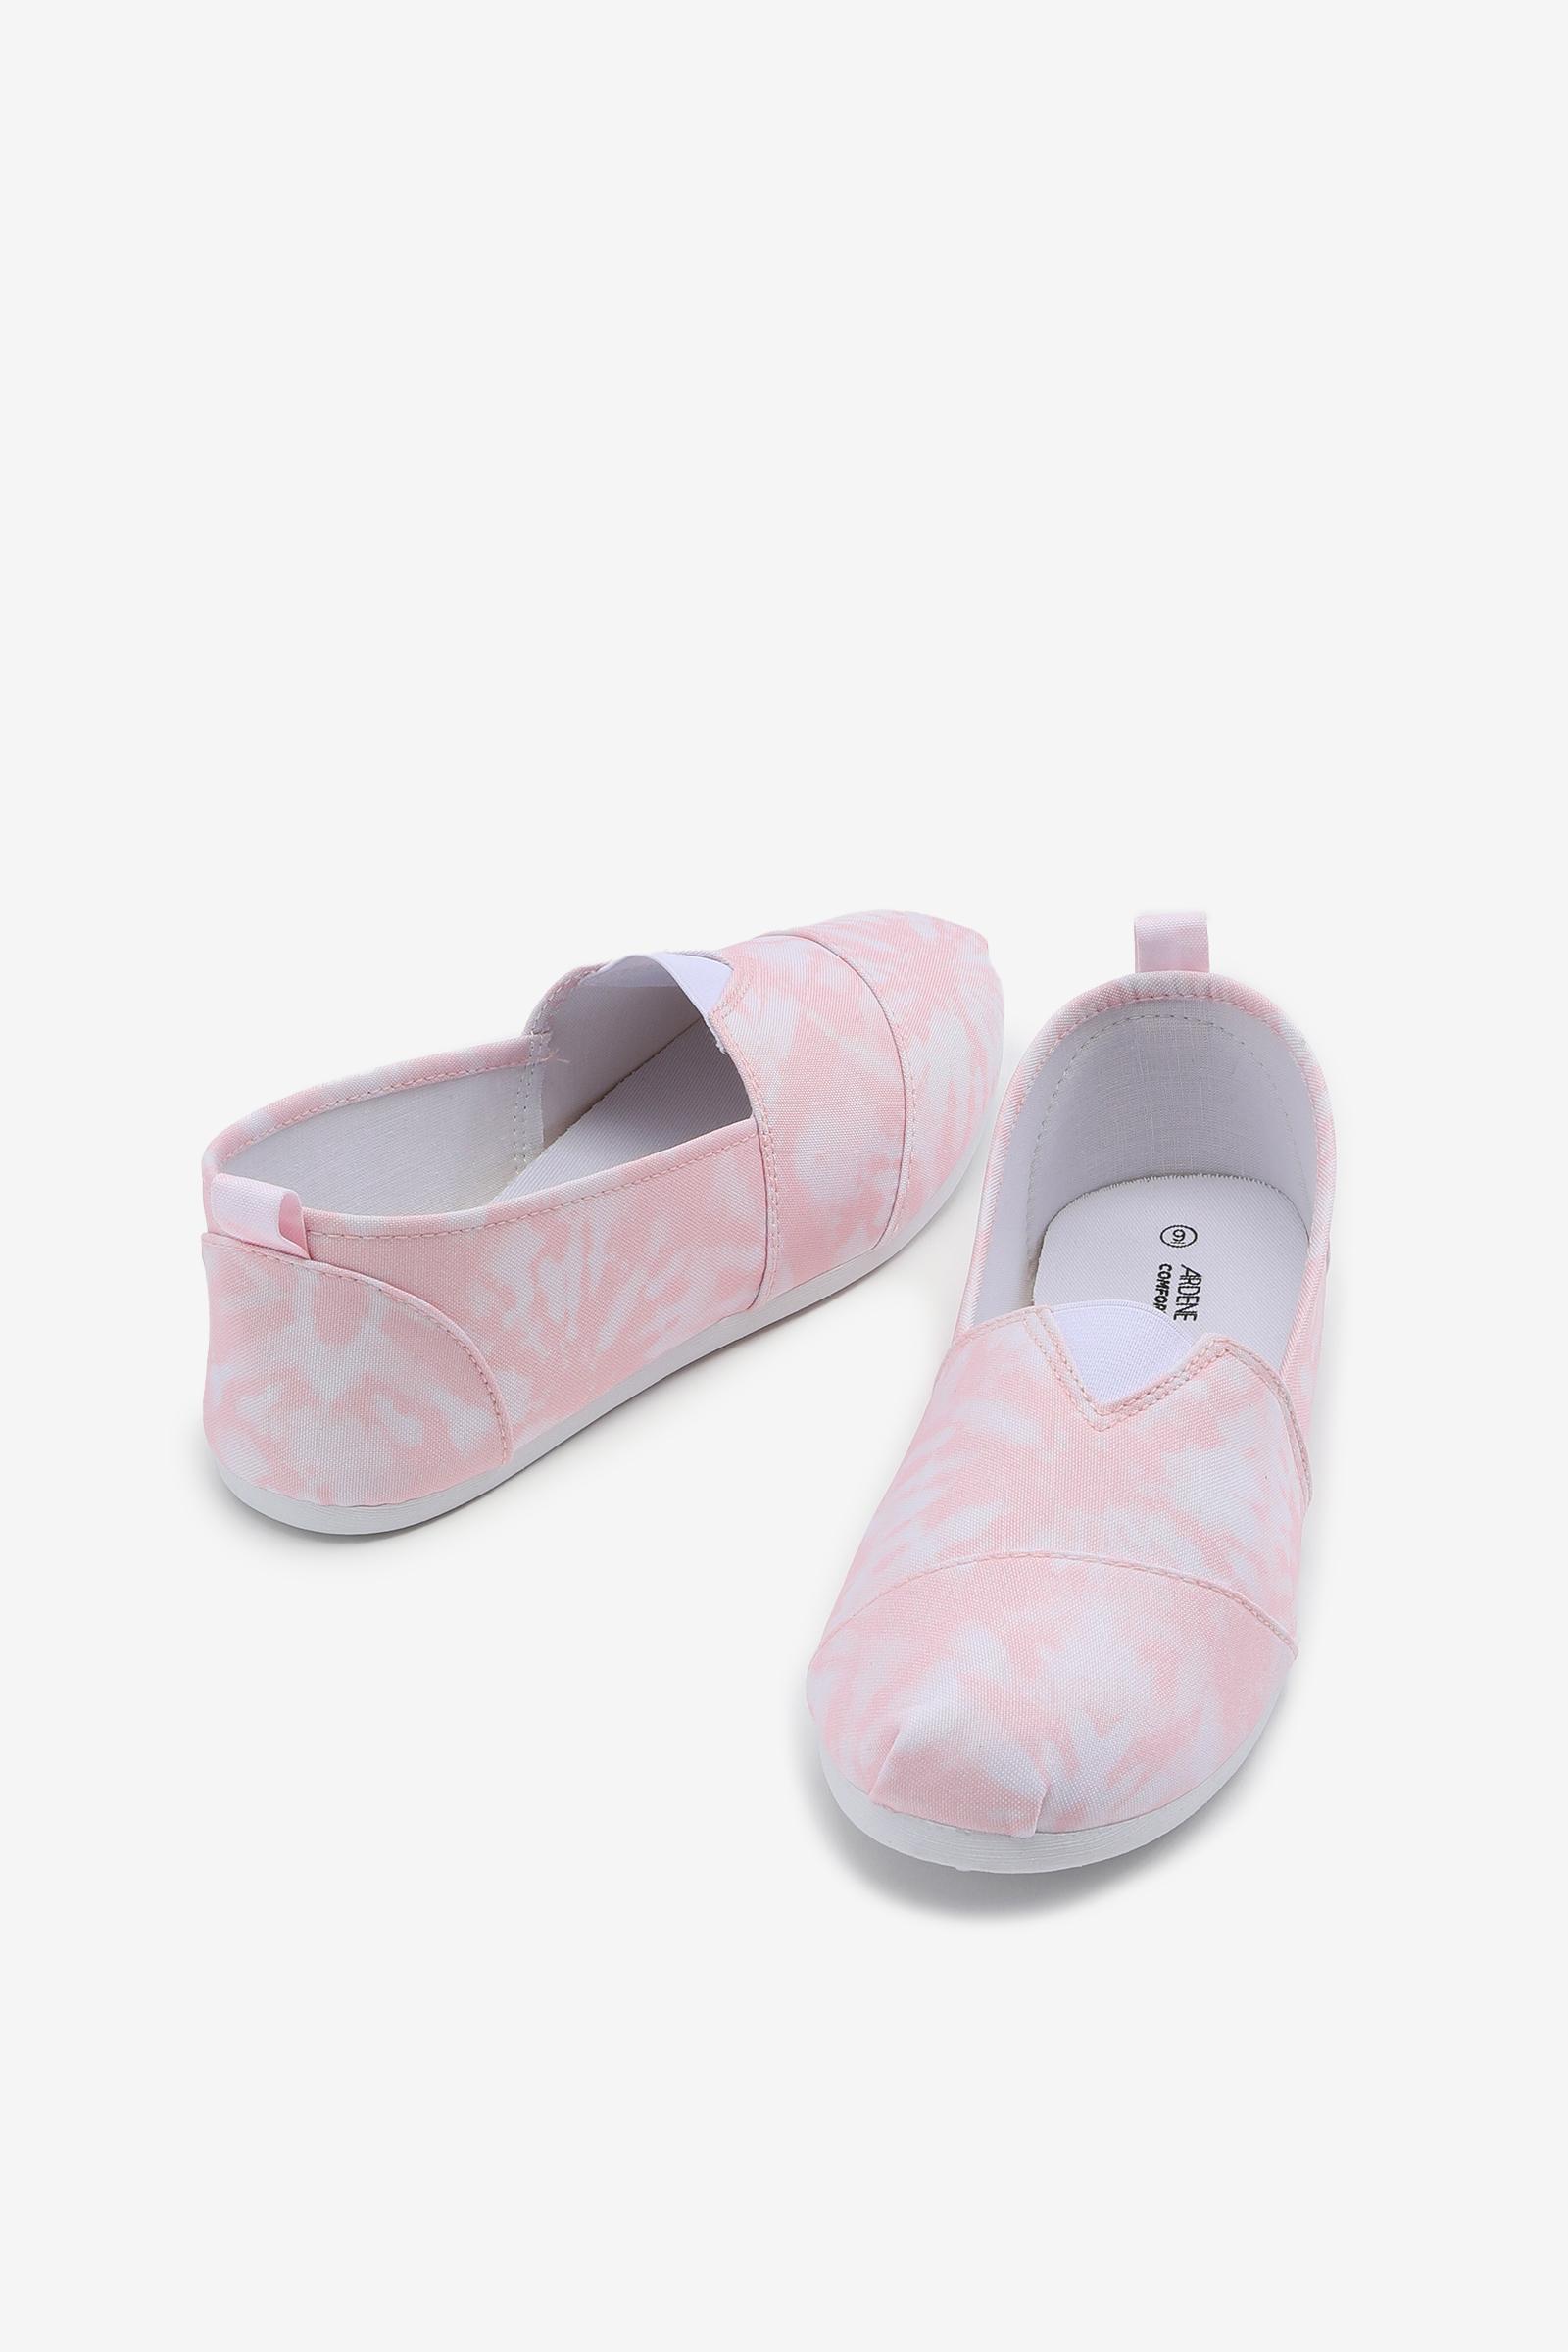 Tie-Dye Canvas Sneakers